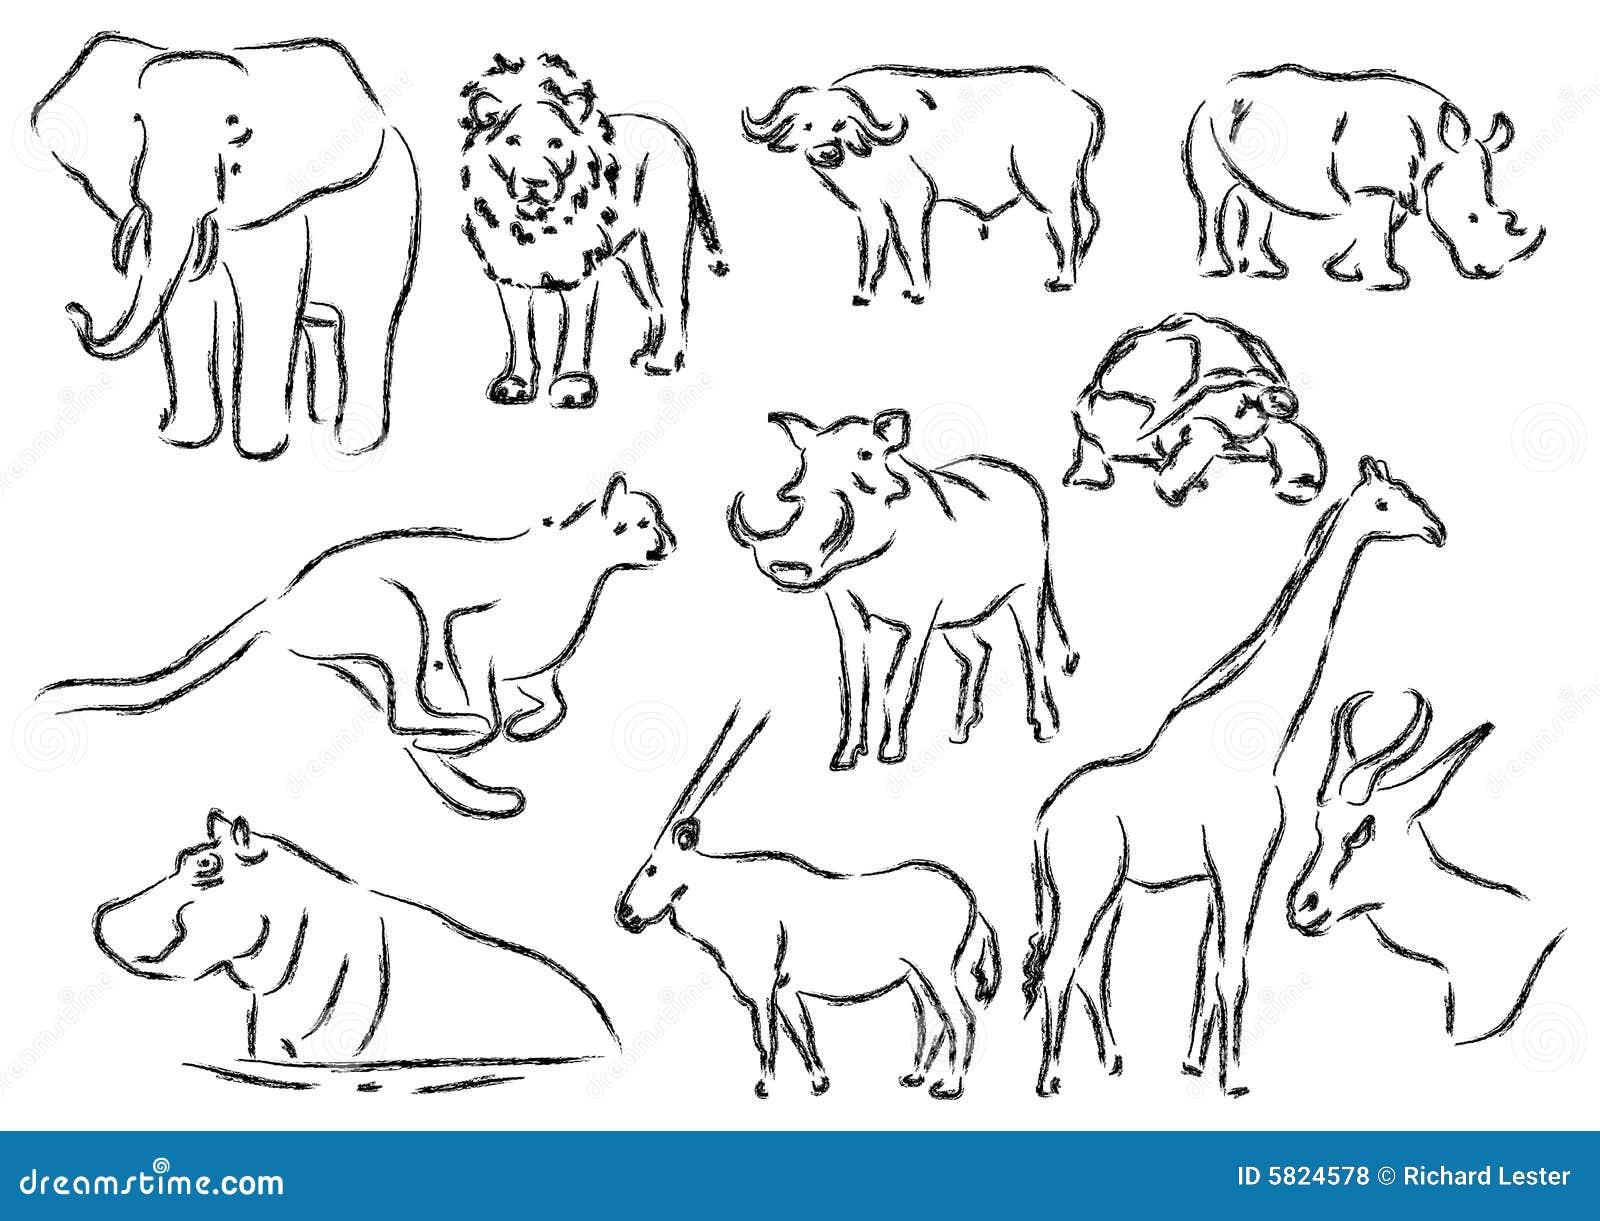 afrikanische tiere stock abbildung illustration von